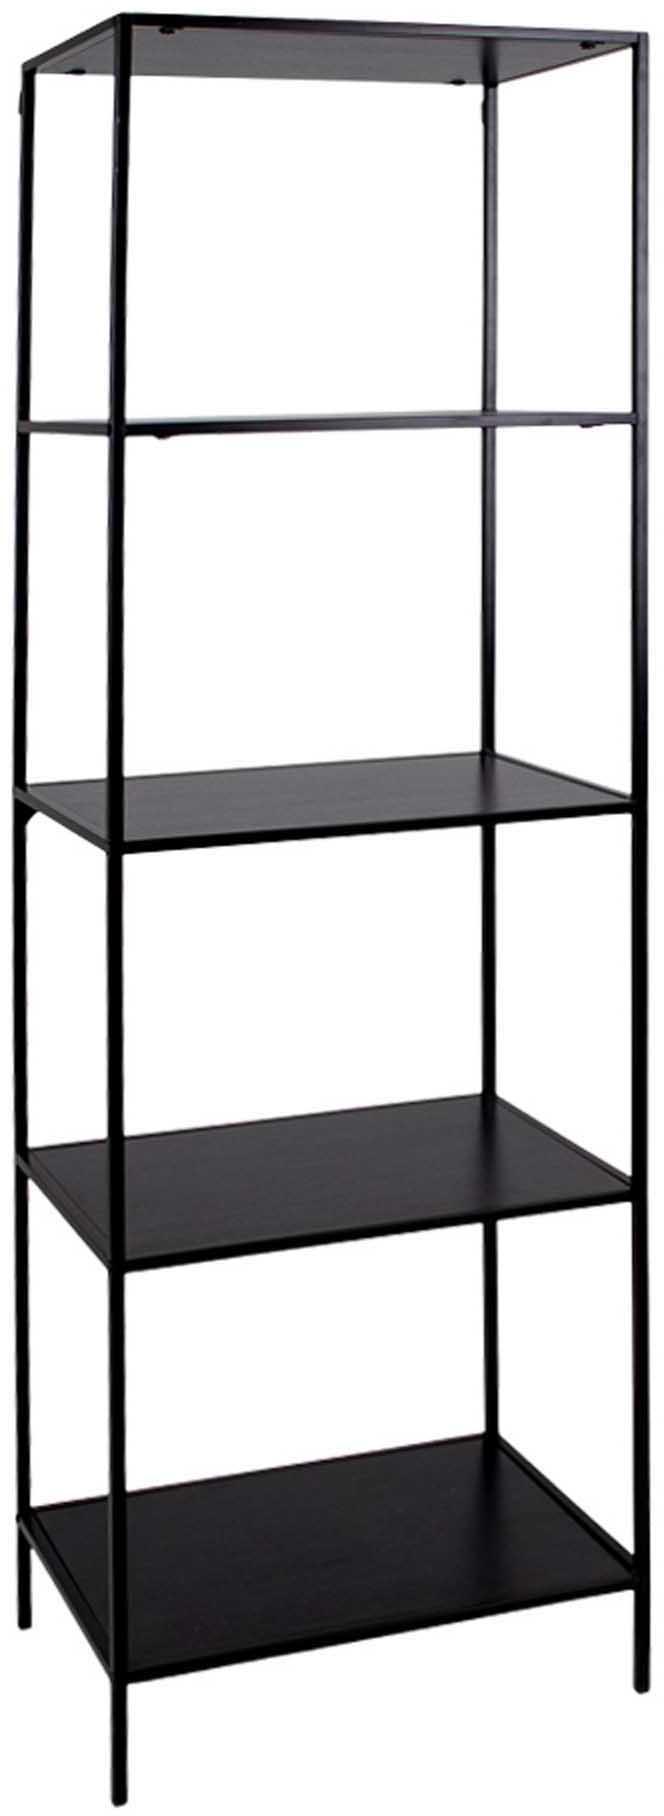 Estantería Vita, Estructura: acero recubierto, Estantes: aglomerado revestido de m, Negro, An 51 x Al 170 cm